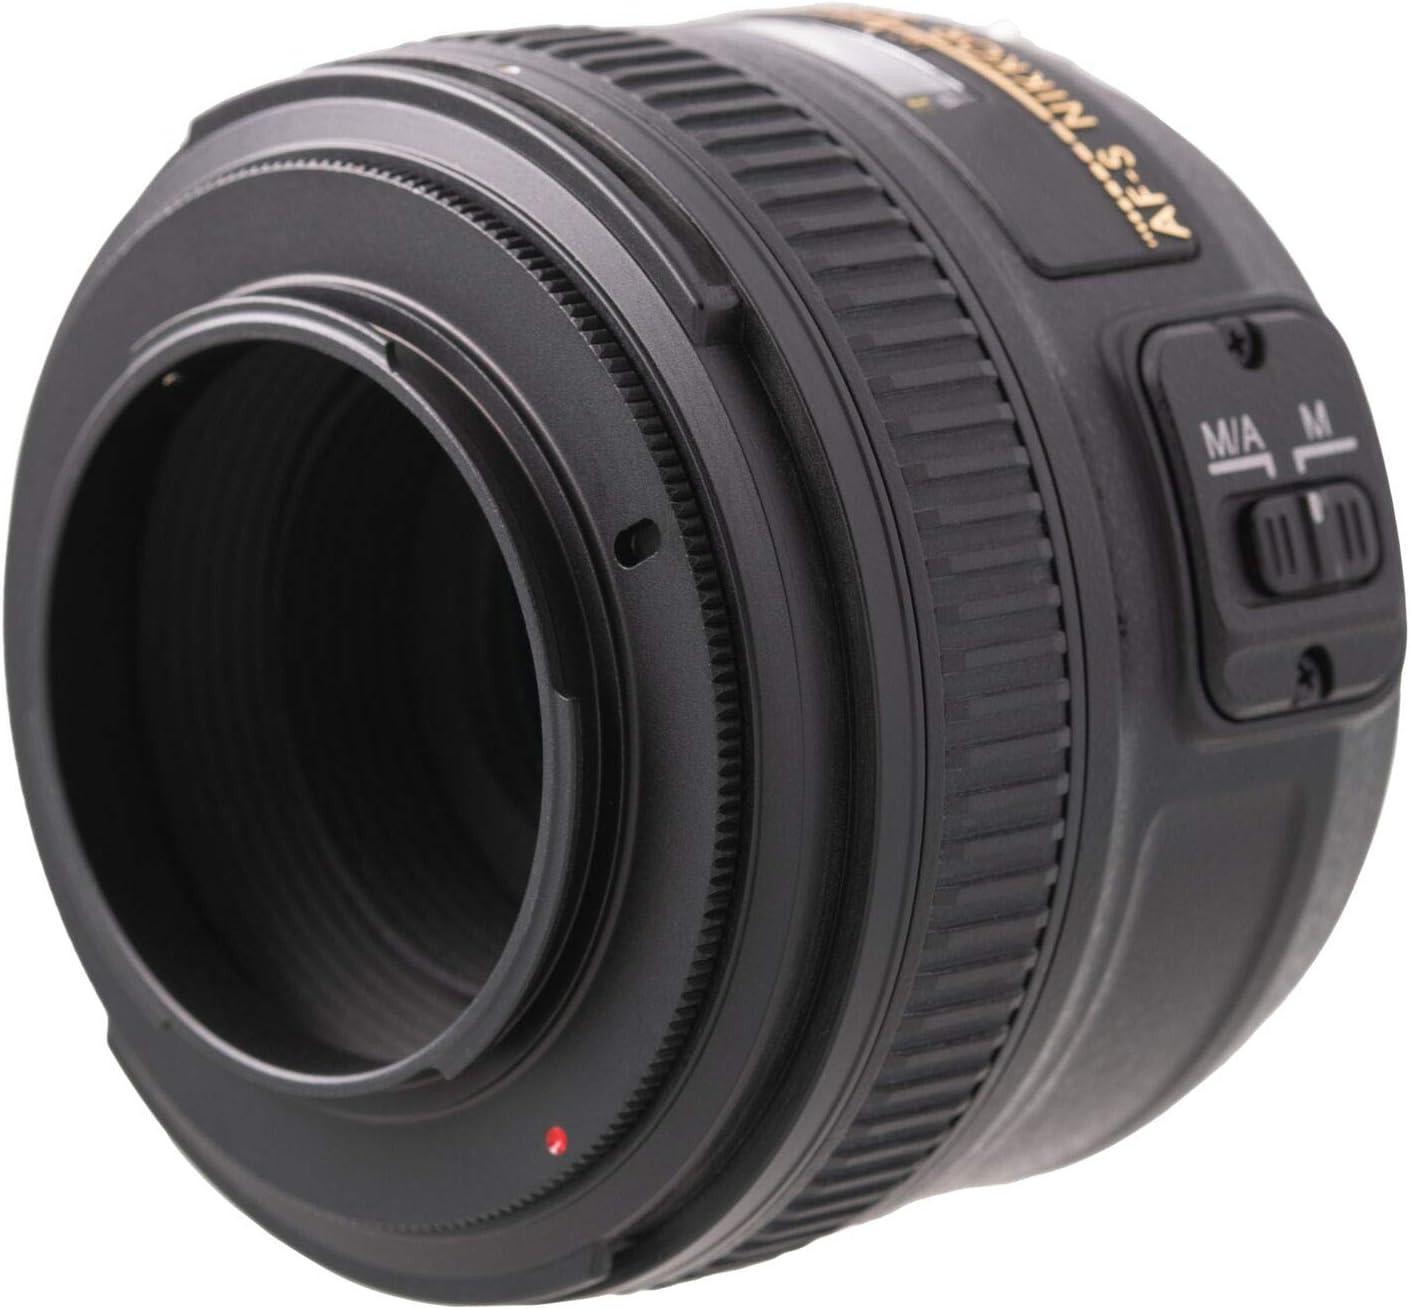 77mm Inversione Macro Anello Retrò Adattatore Compatibile per Canon EOS Telecamere ALLUMINIO